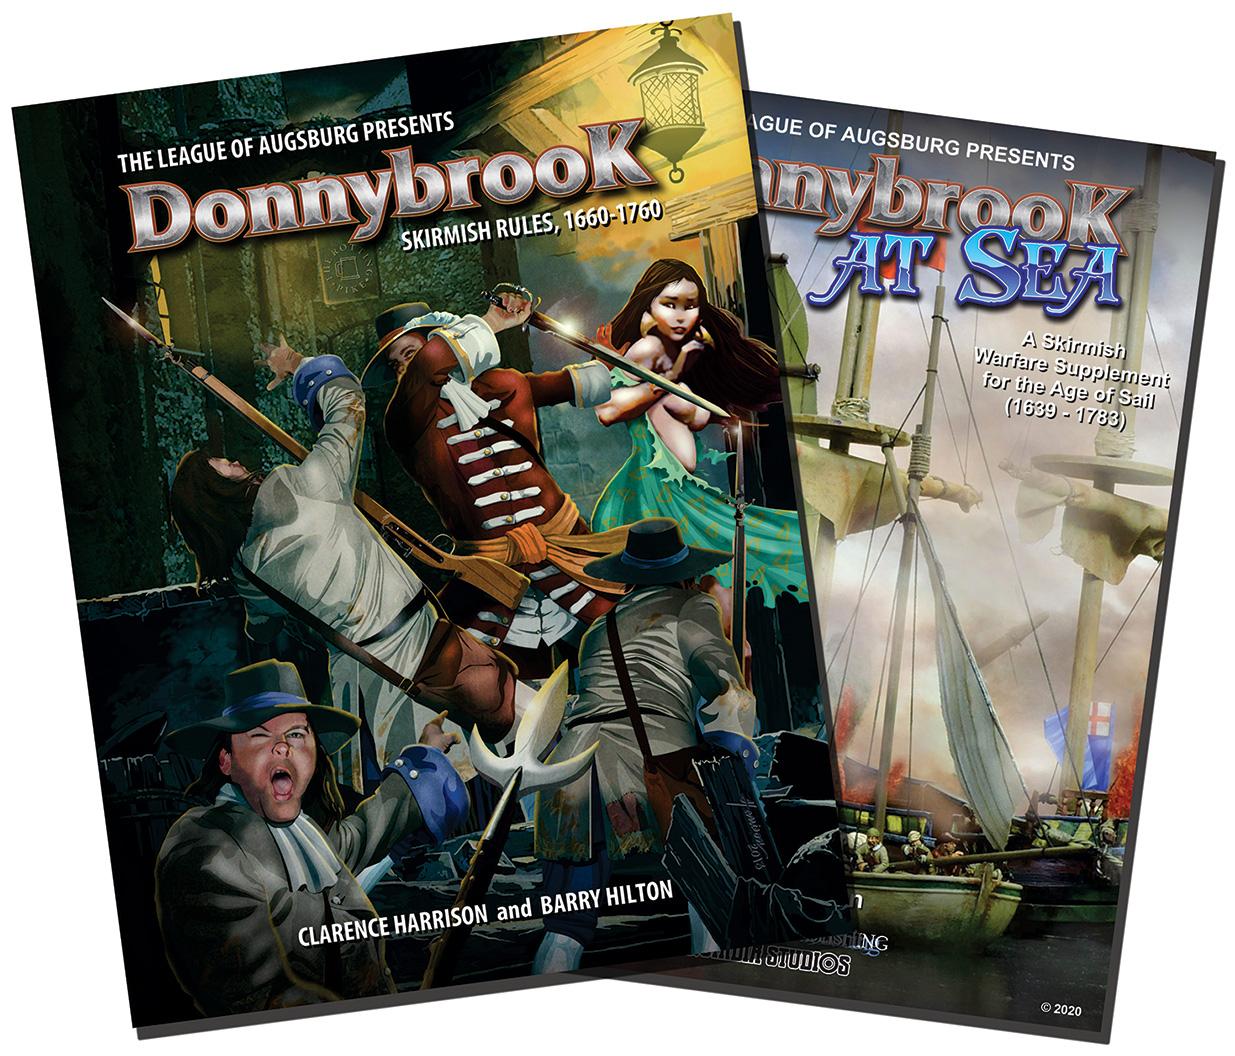 Donnybrook AND Donnybrook at Sea BUNDLE DEAL